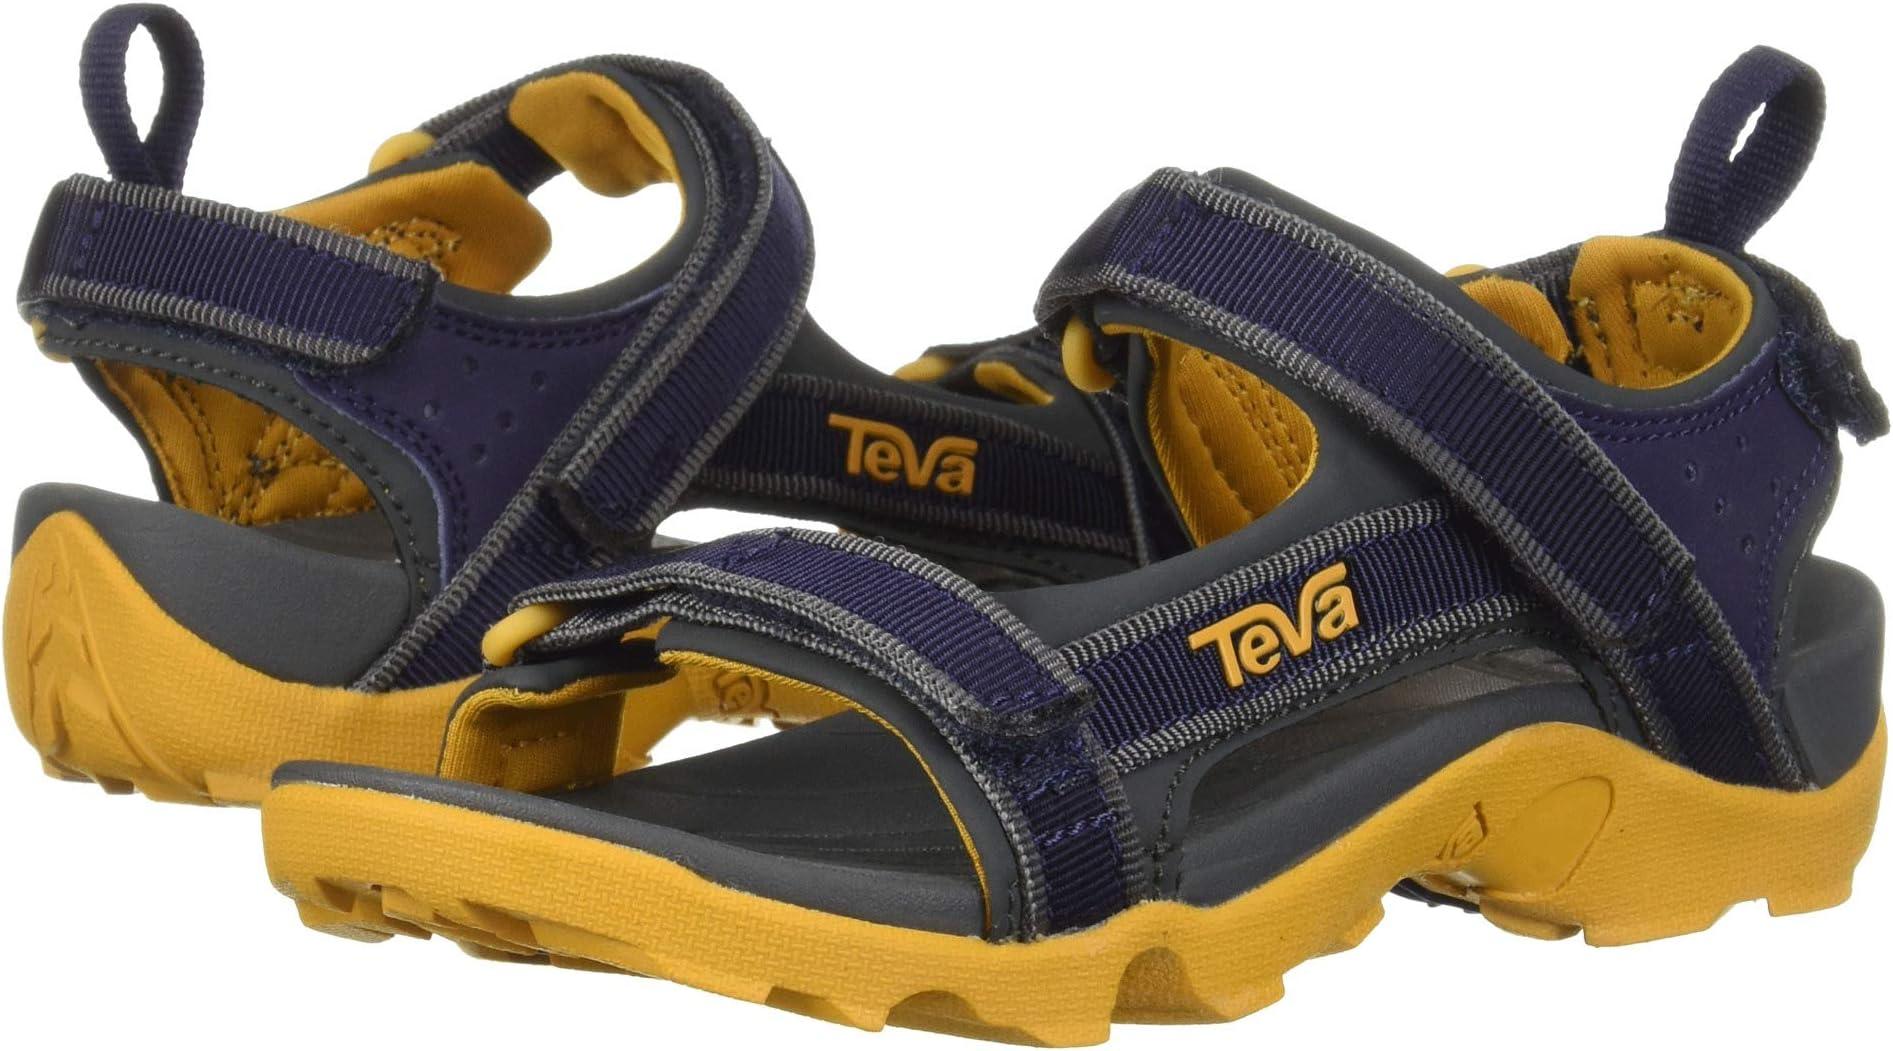 TC-6-Teva-Kids-2018-10-08